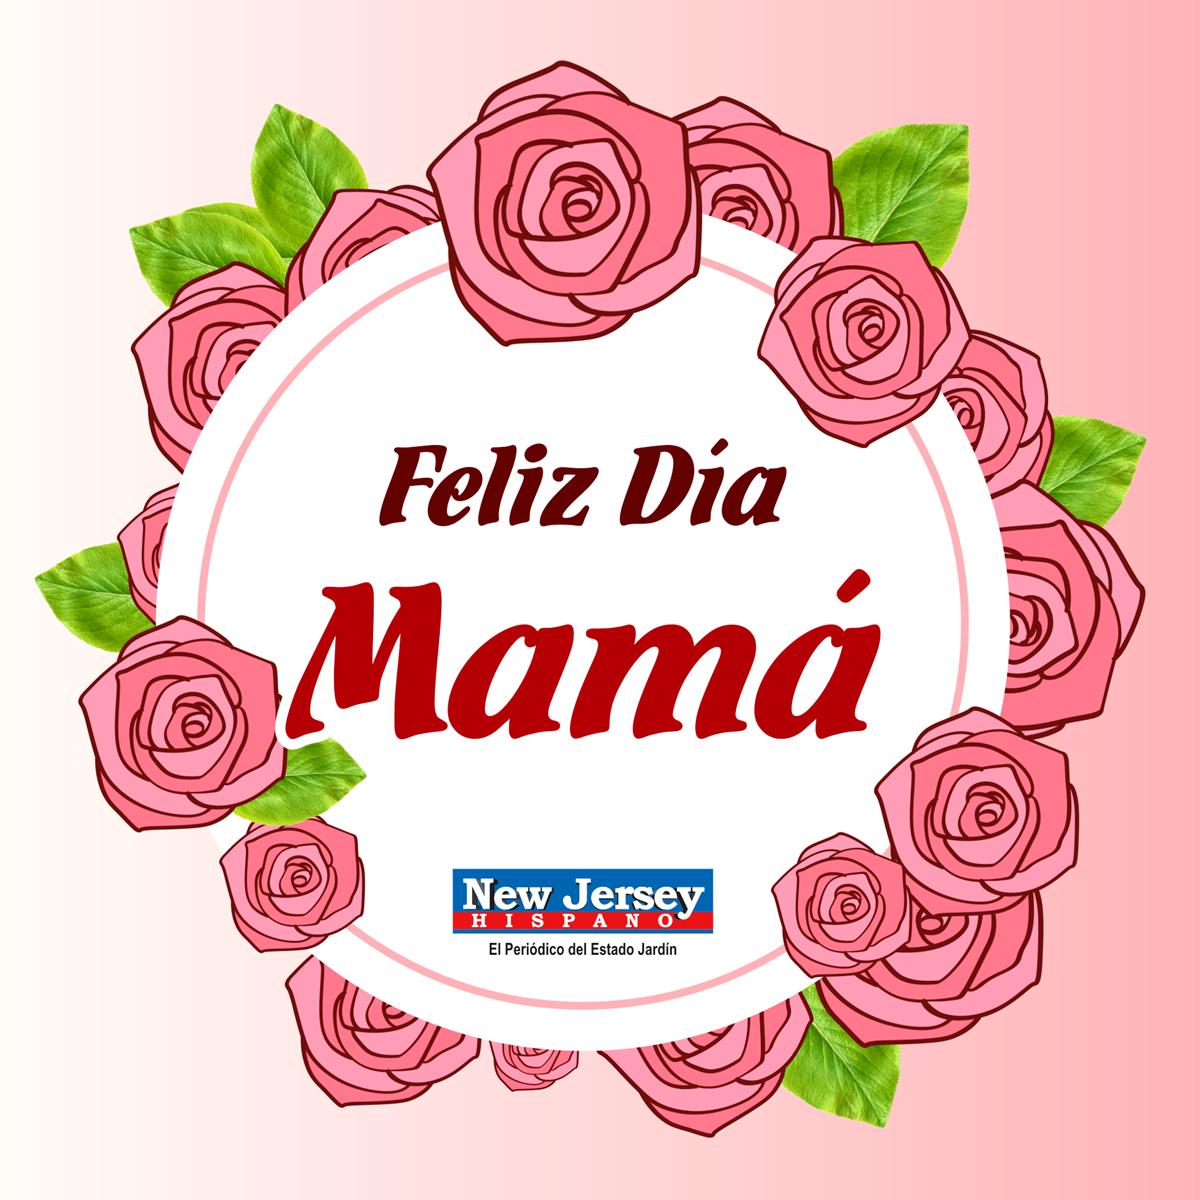 13 de Mayo: ¡Feliz Día de la Madres!.